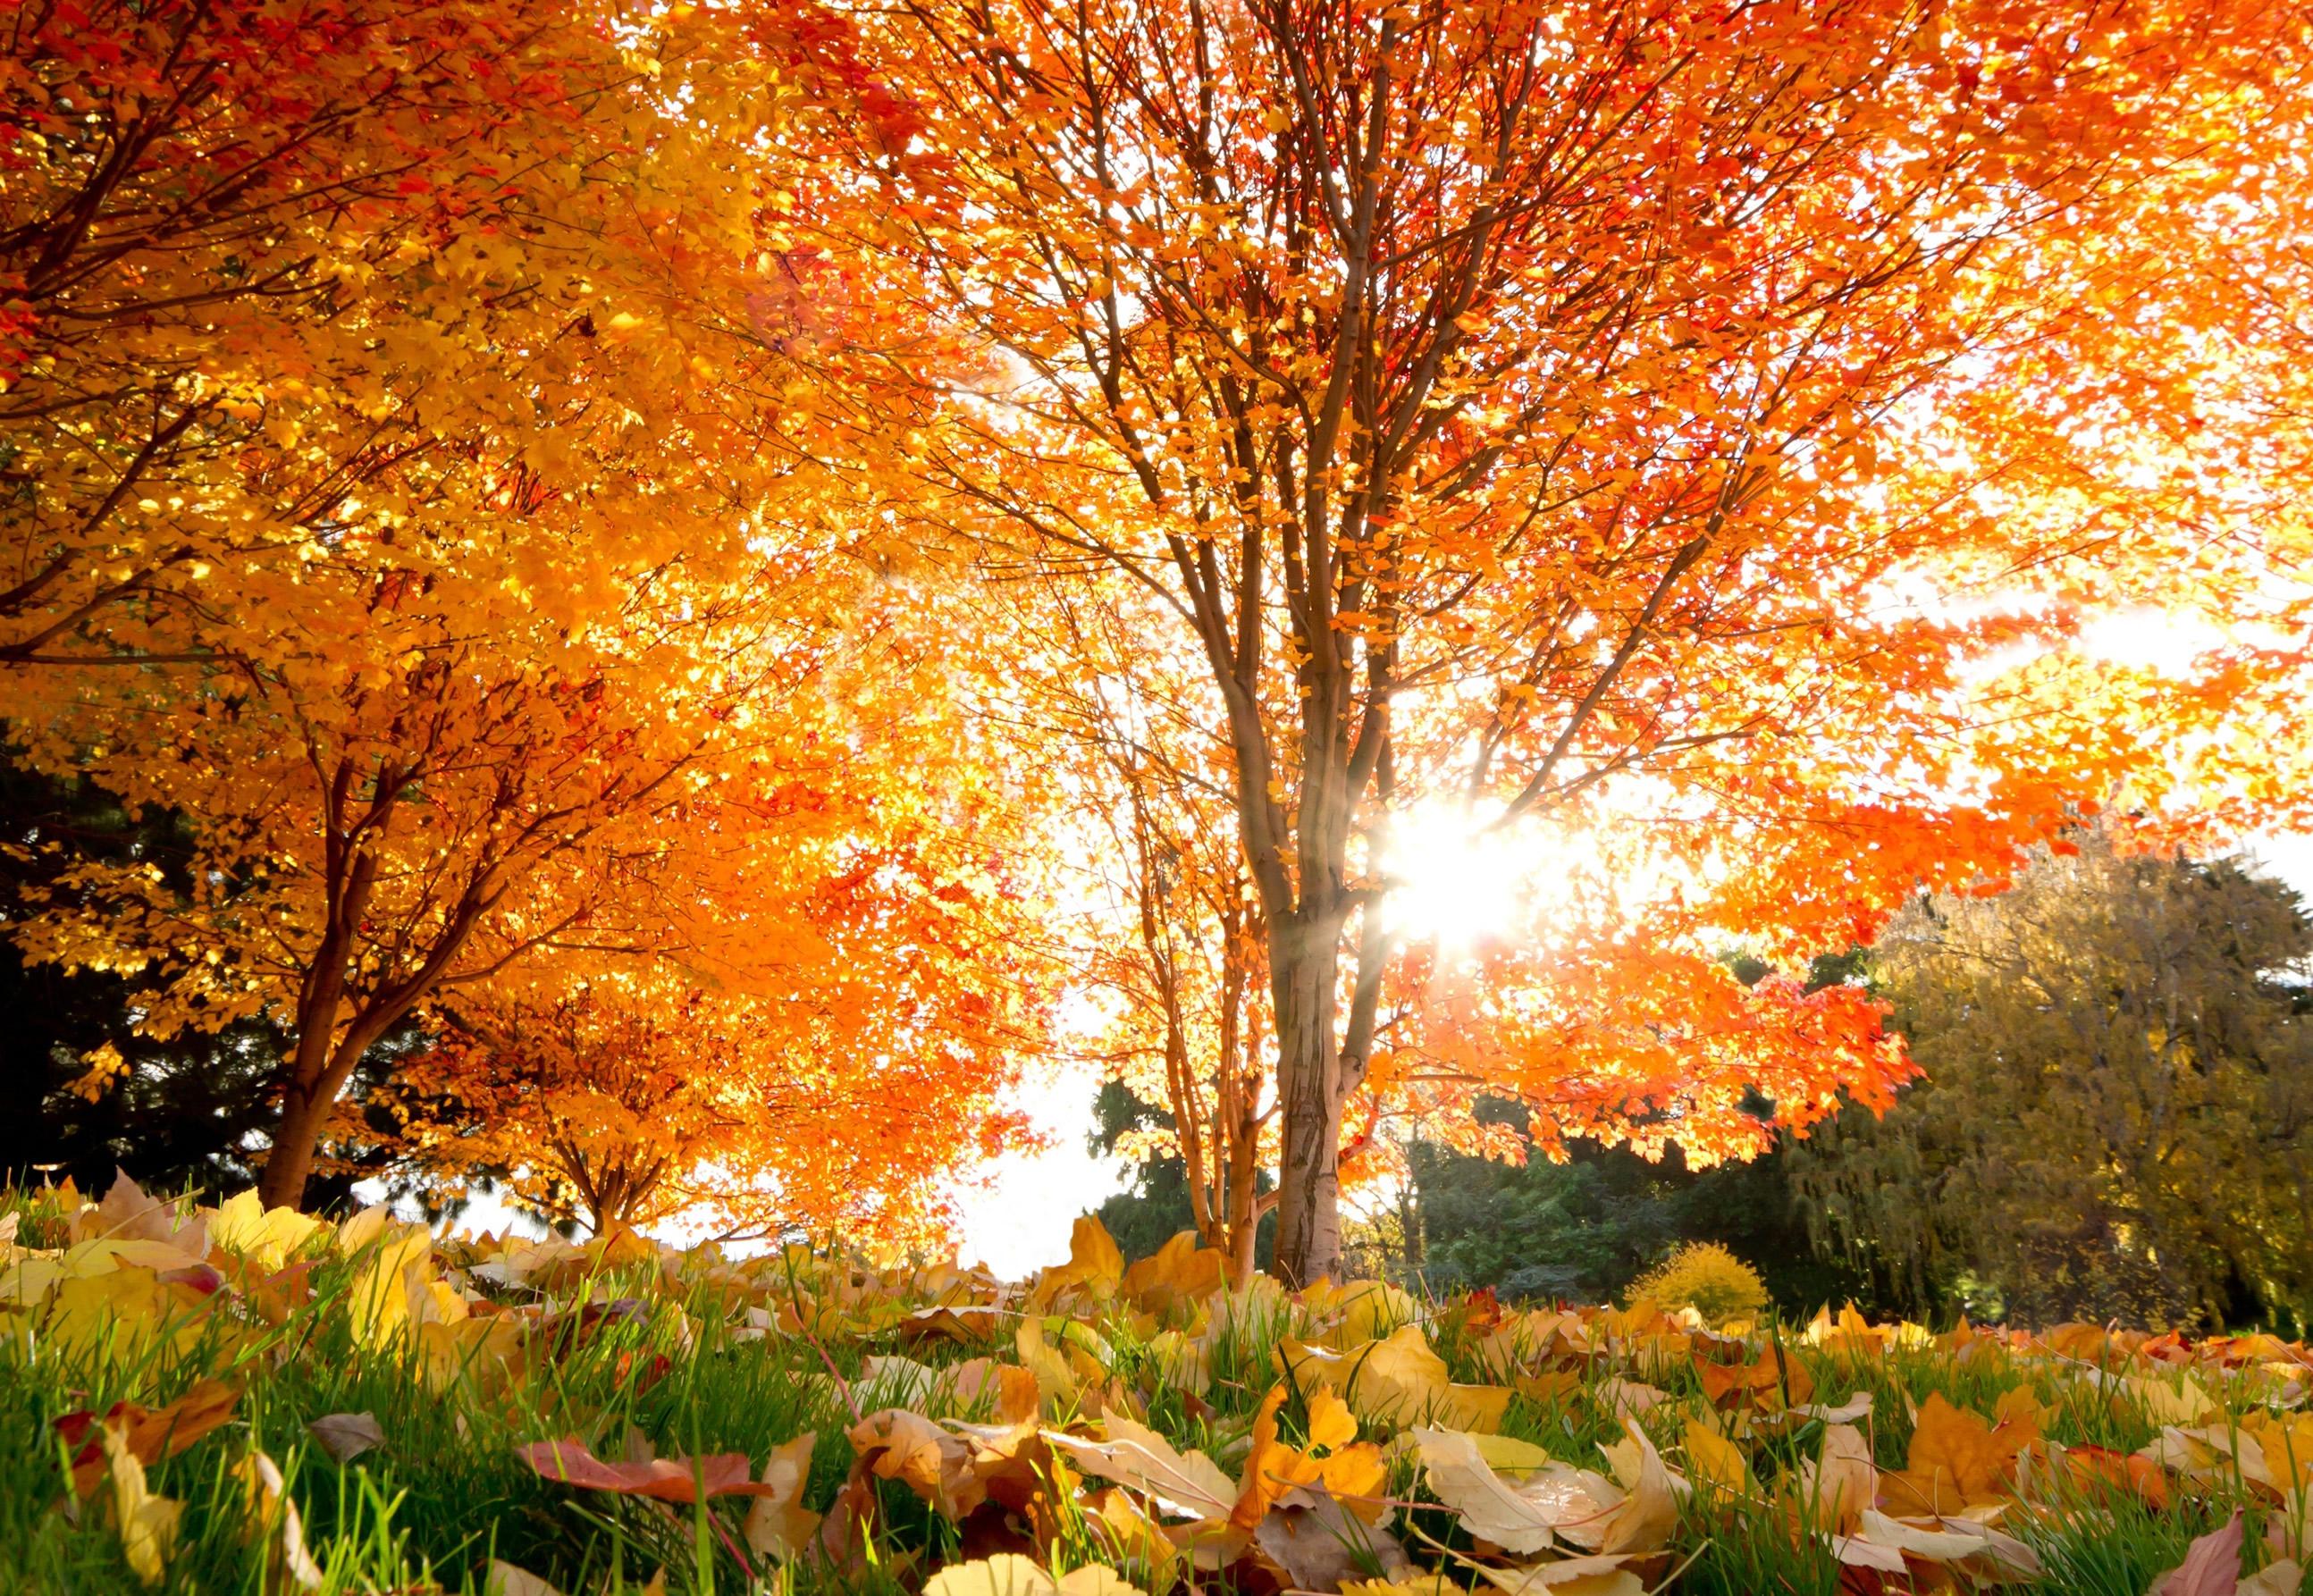 осенние деревья, скачать фото, обои для рабочего стола, осень